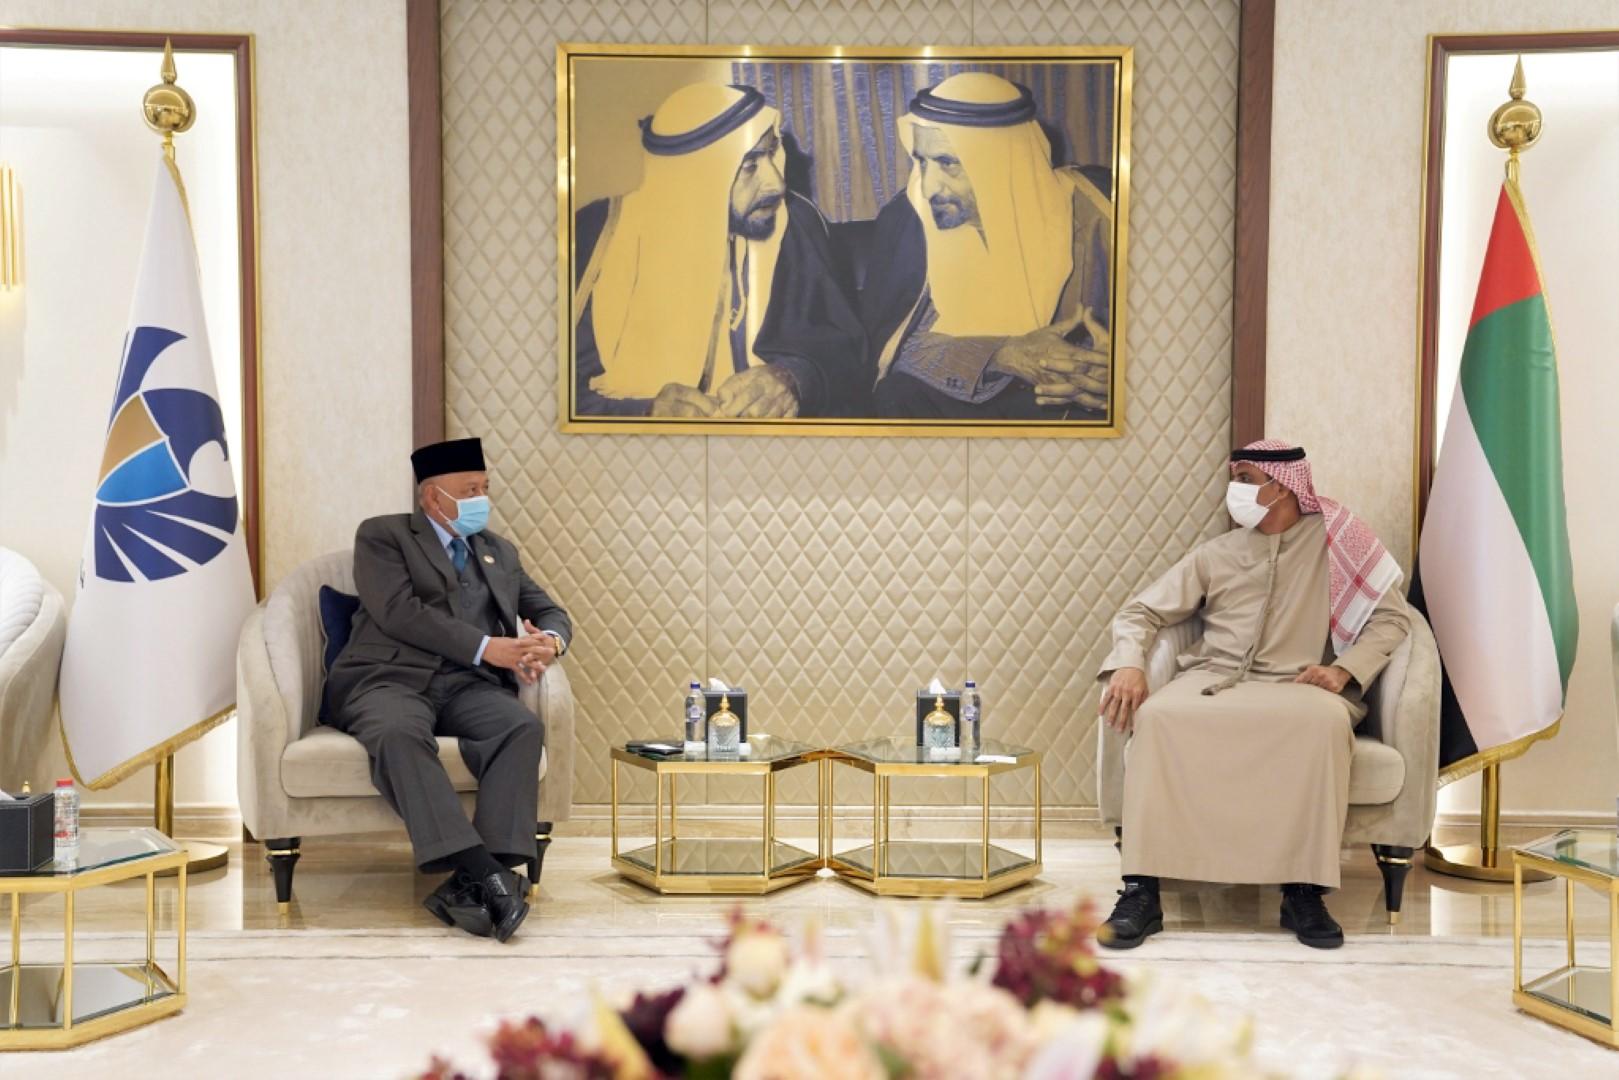 جمارك دبي تبحث مع سفارة اندونيسيا بالدولة التعاون المشترك لدعم التجارة بين البلدين